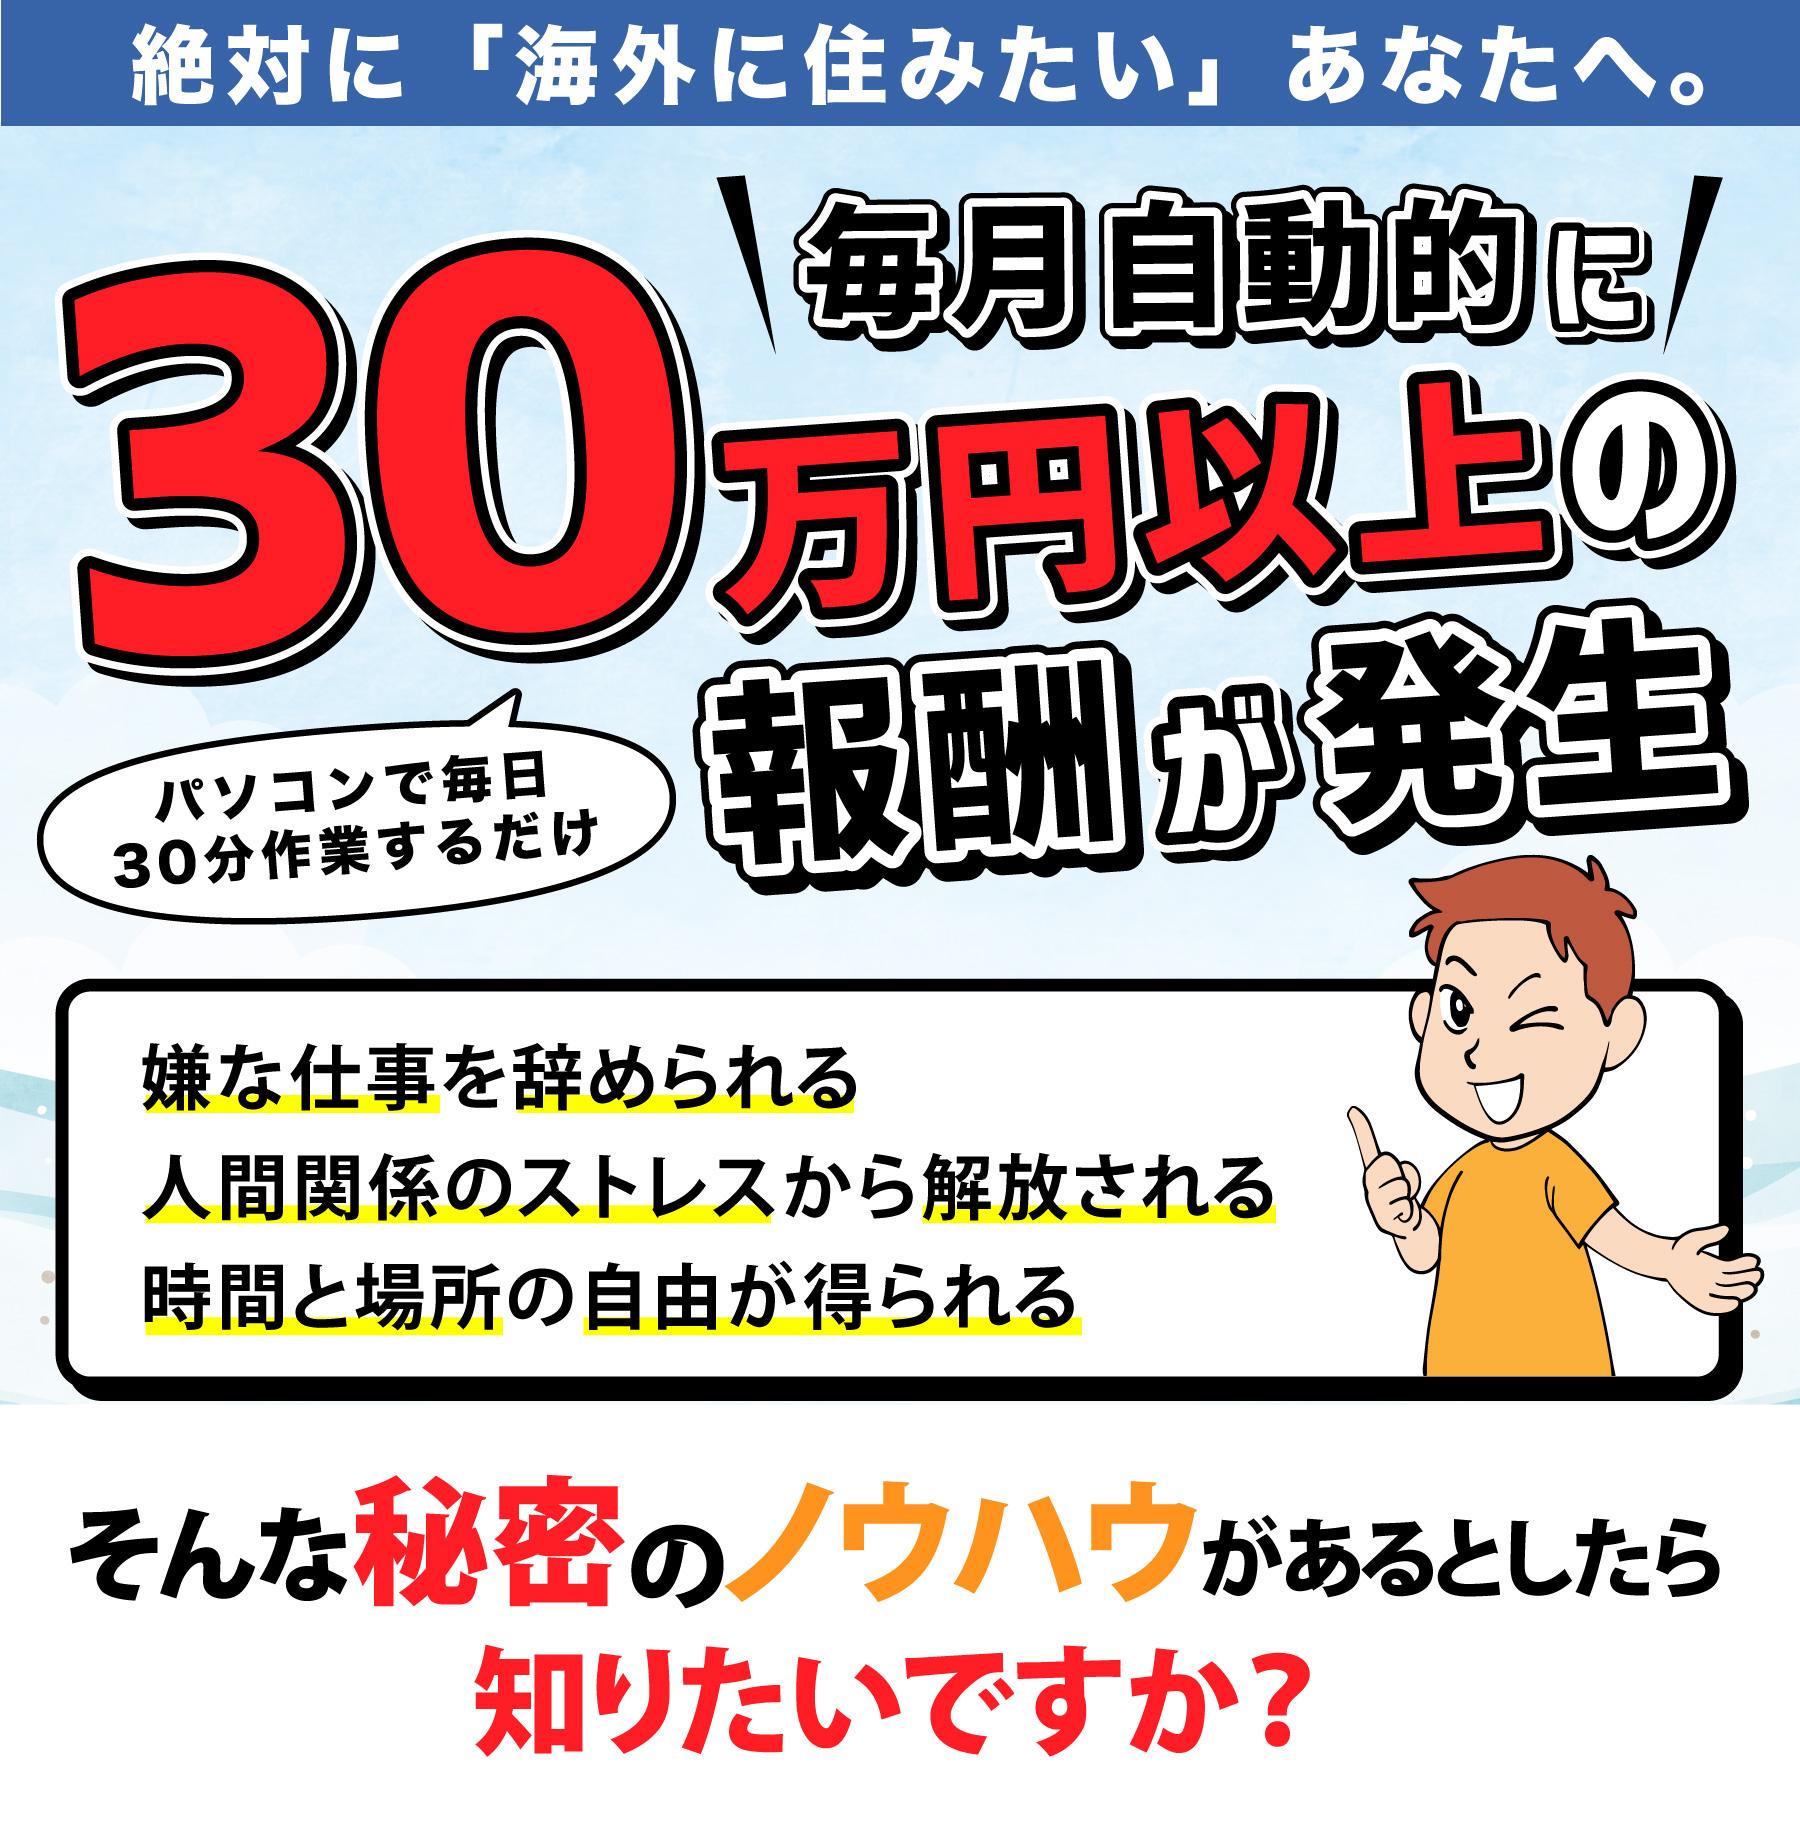 絶対に海外に住みたいあなたへ。毎月自動的に30万円以上報酬が発生